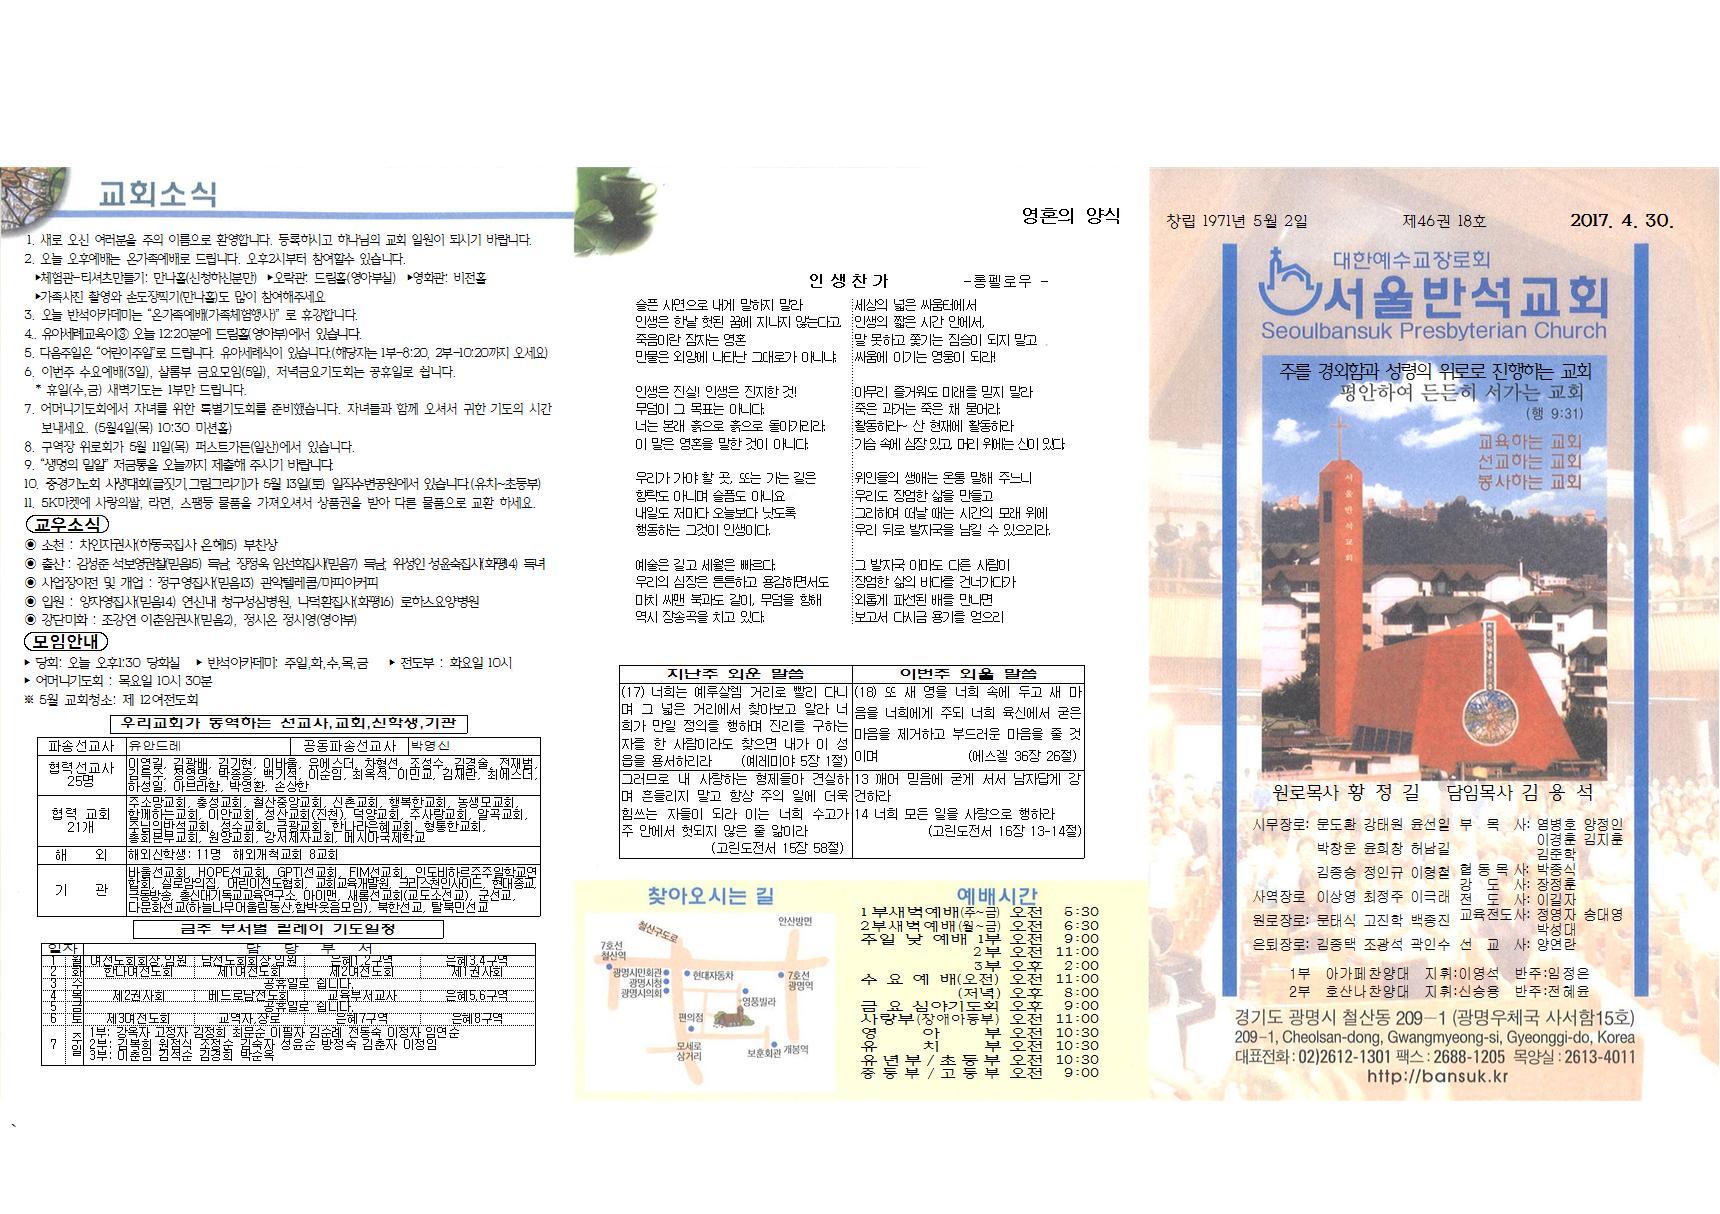 주보 제46권 18호(2017.04.30)